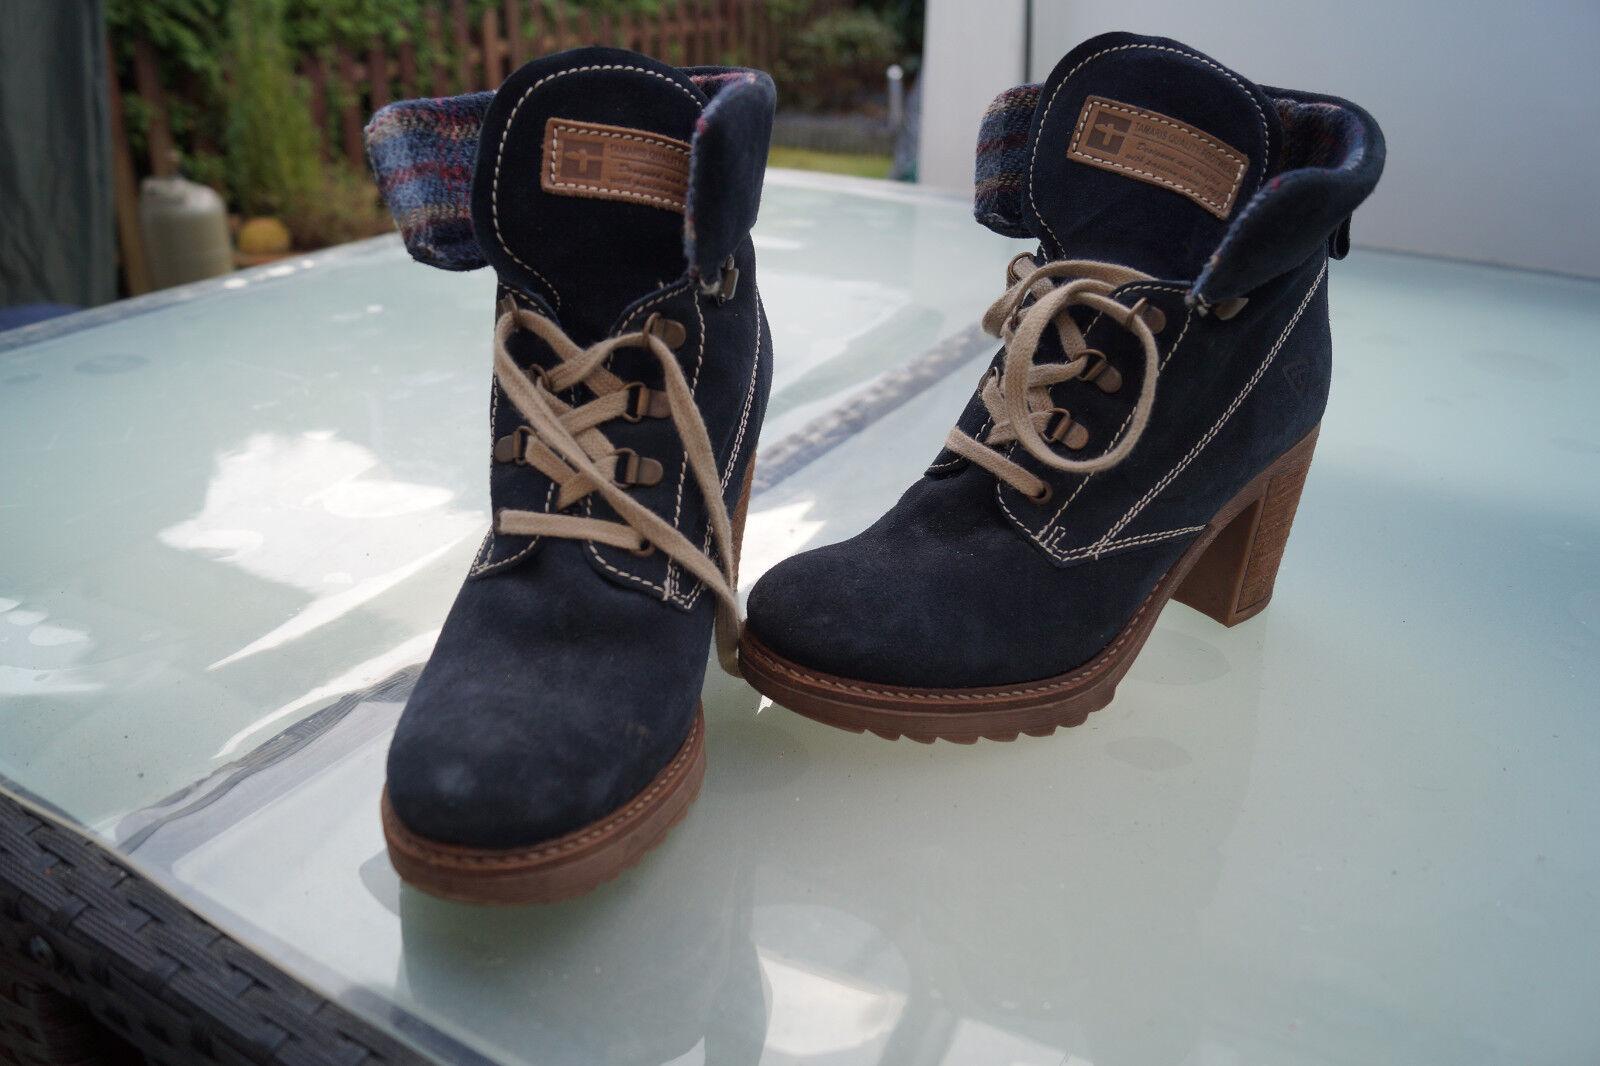 TAMARIS Damen Stiefel Schuhe Stiefel wildleder Stiefelette Absatz Gr.40 wildleder Stiefel marine #67 e26293